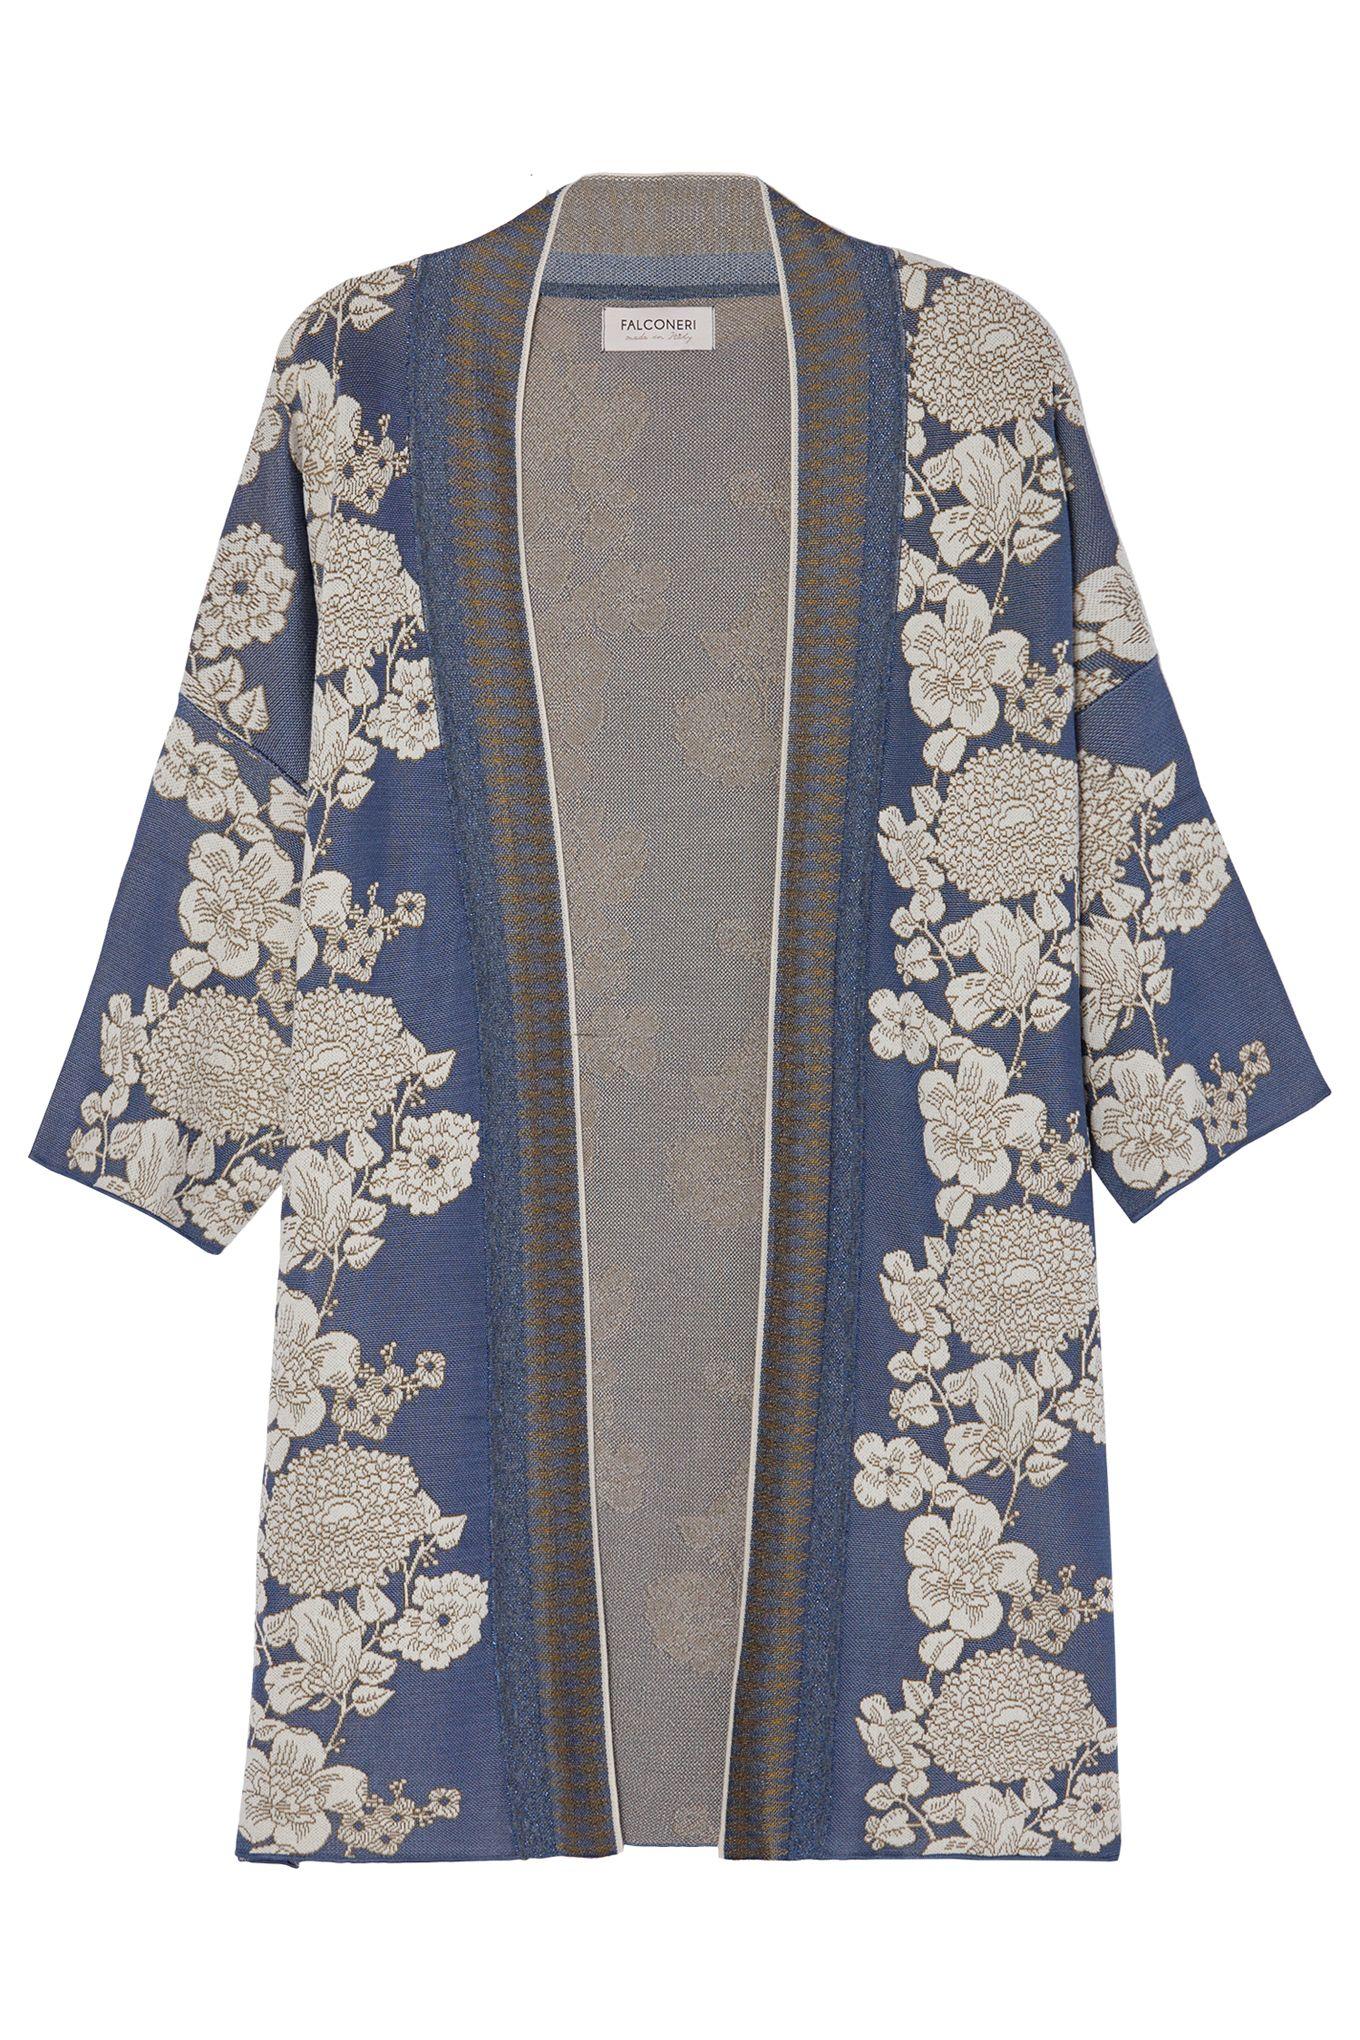 La vestaglia kimono è il massimo della seduzione, indossala anche di giorno con gli outfit più sobri per un effetto davvero seducente